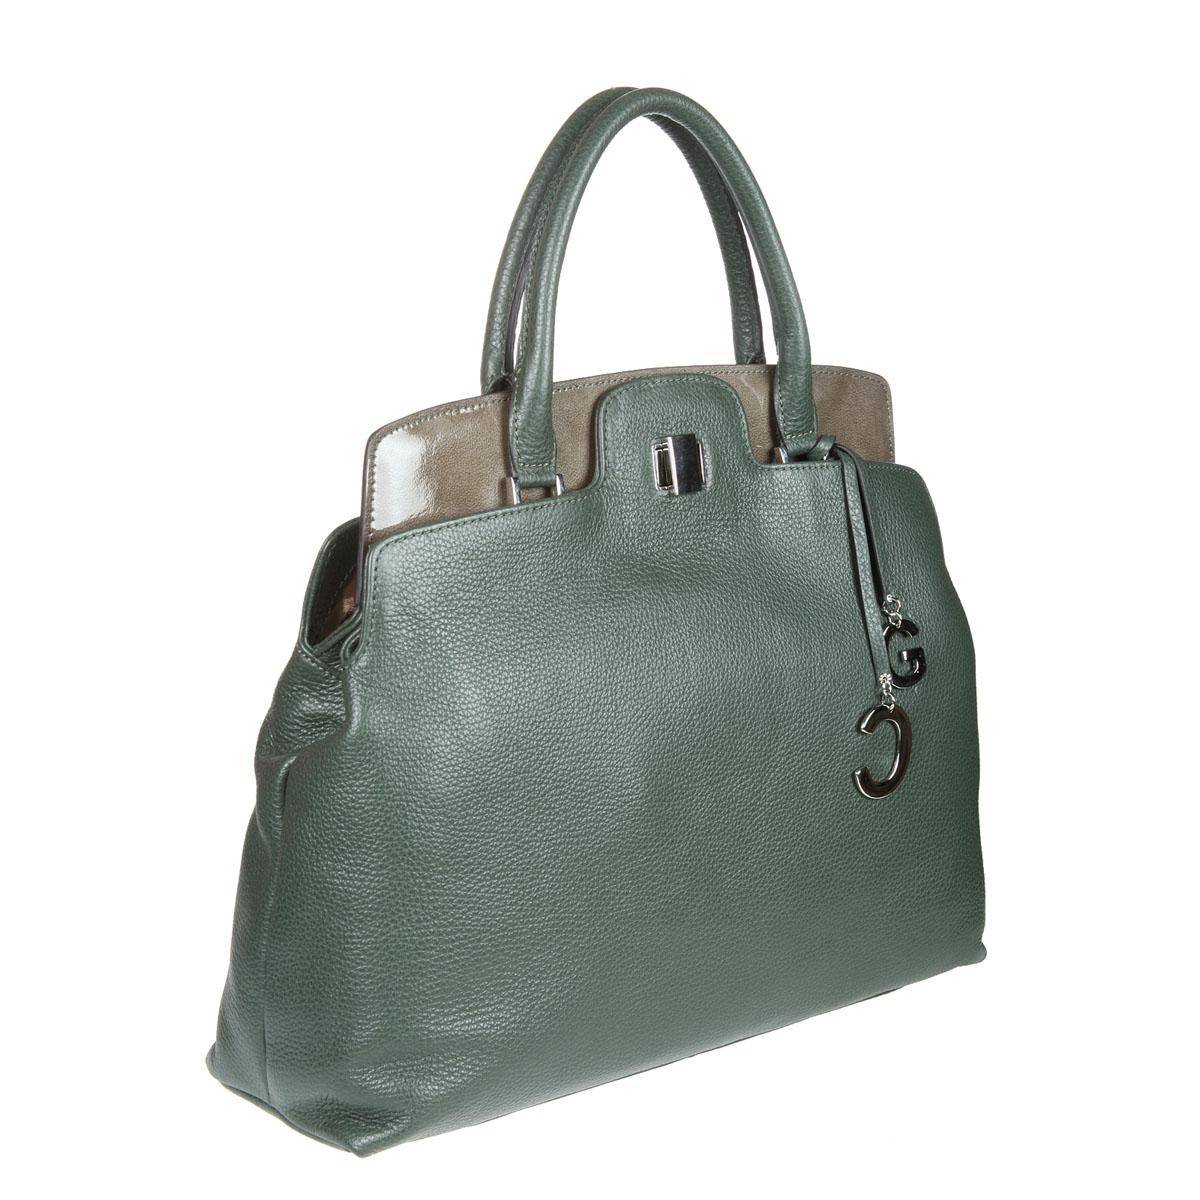 Сумка женская Gianni Conti, цвет: зеленый. 1316926E Green1316926E GreenСтильная женская сумка Gianni Conti выполнена из высококачественной кожи зеленого цвета, дубленой с использованием экстрактов растительного происхождения. Сумка имеет два отделения, которые закрываются на поворотный замок. Внутри первого расположен вшитый карман на молнии. Во втором расположен вшитый карман на молнии, два кармашка для телефона, мелочи и один кармашек для пишущих принадлежностей. Сумка оснащена удобными ручками и плечевым ремнем регулируемой длины. Фурнитура - серебристого цвета. На дне сумки расположены ножки для лучшей устойчивости. Сумка - это стильный аксессуар, который подчеркнет вашу индивидуальность и сделает ваш образ завершенным. Характеристики: Материал: натуральная кожа, металл. Цвет: зеленый. Размер сумки: 35 см х 33 см х 10 см. Длина плечевого ремня: 135 см. Высота ручек: 15 см. Артикул: 1316926E Green.